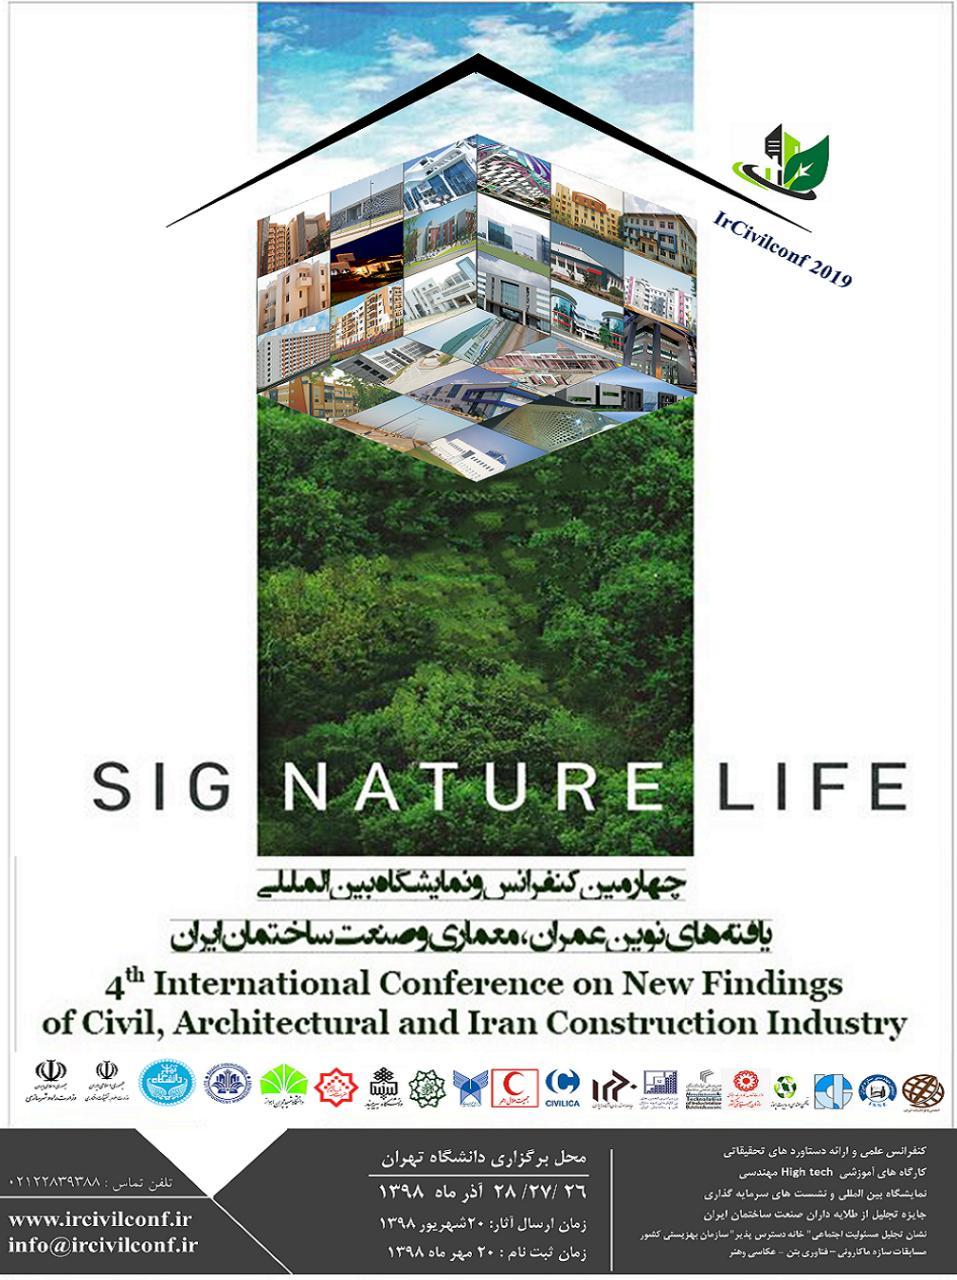 چهارمین کنفرانس بین المللی و یافته های نوین عمران، معماری و صنعت ساختمان ایران